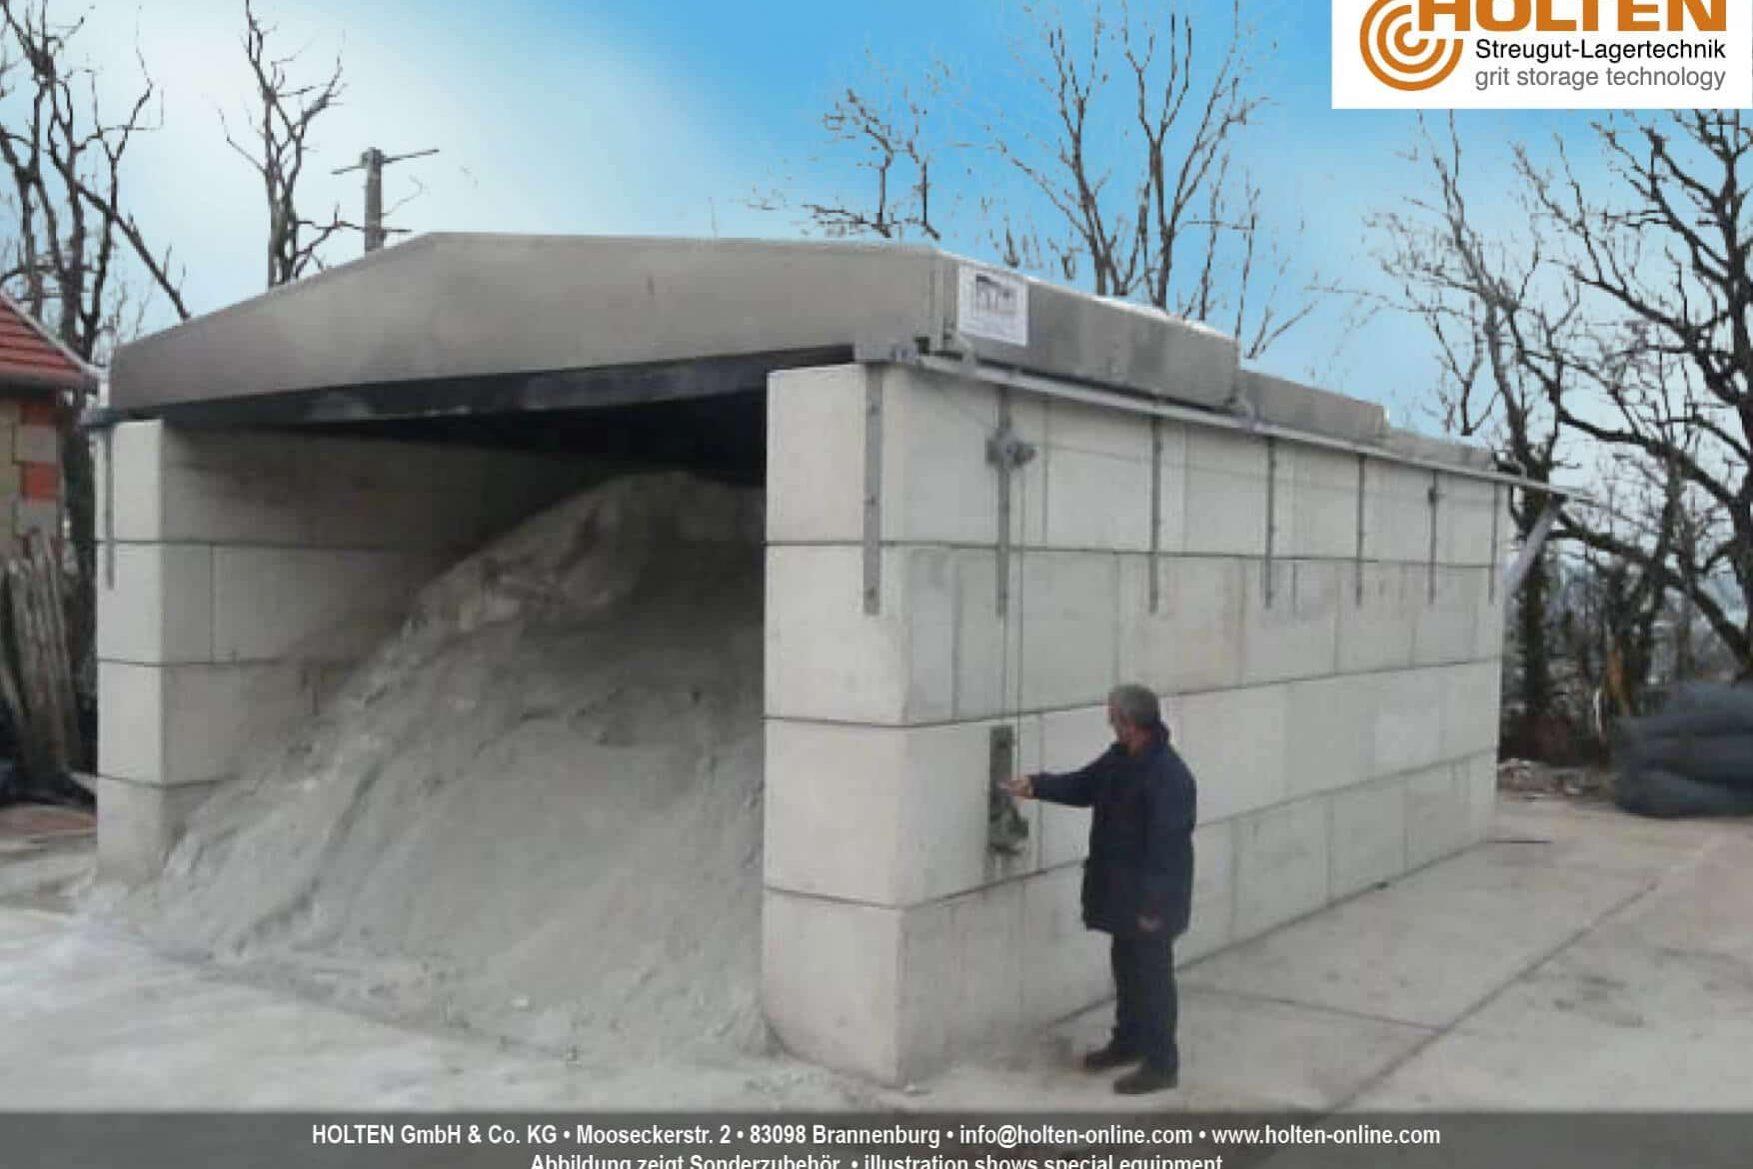 Offener Betonblock mit Inhalt und verschiebbarem Dach